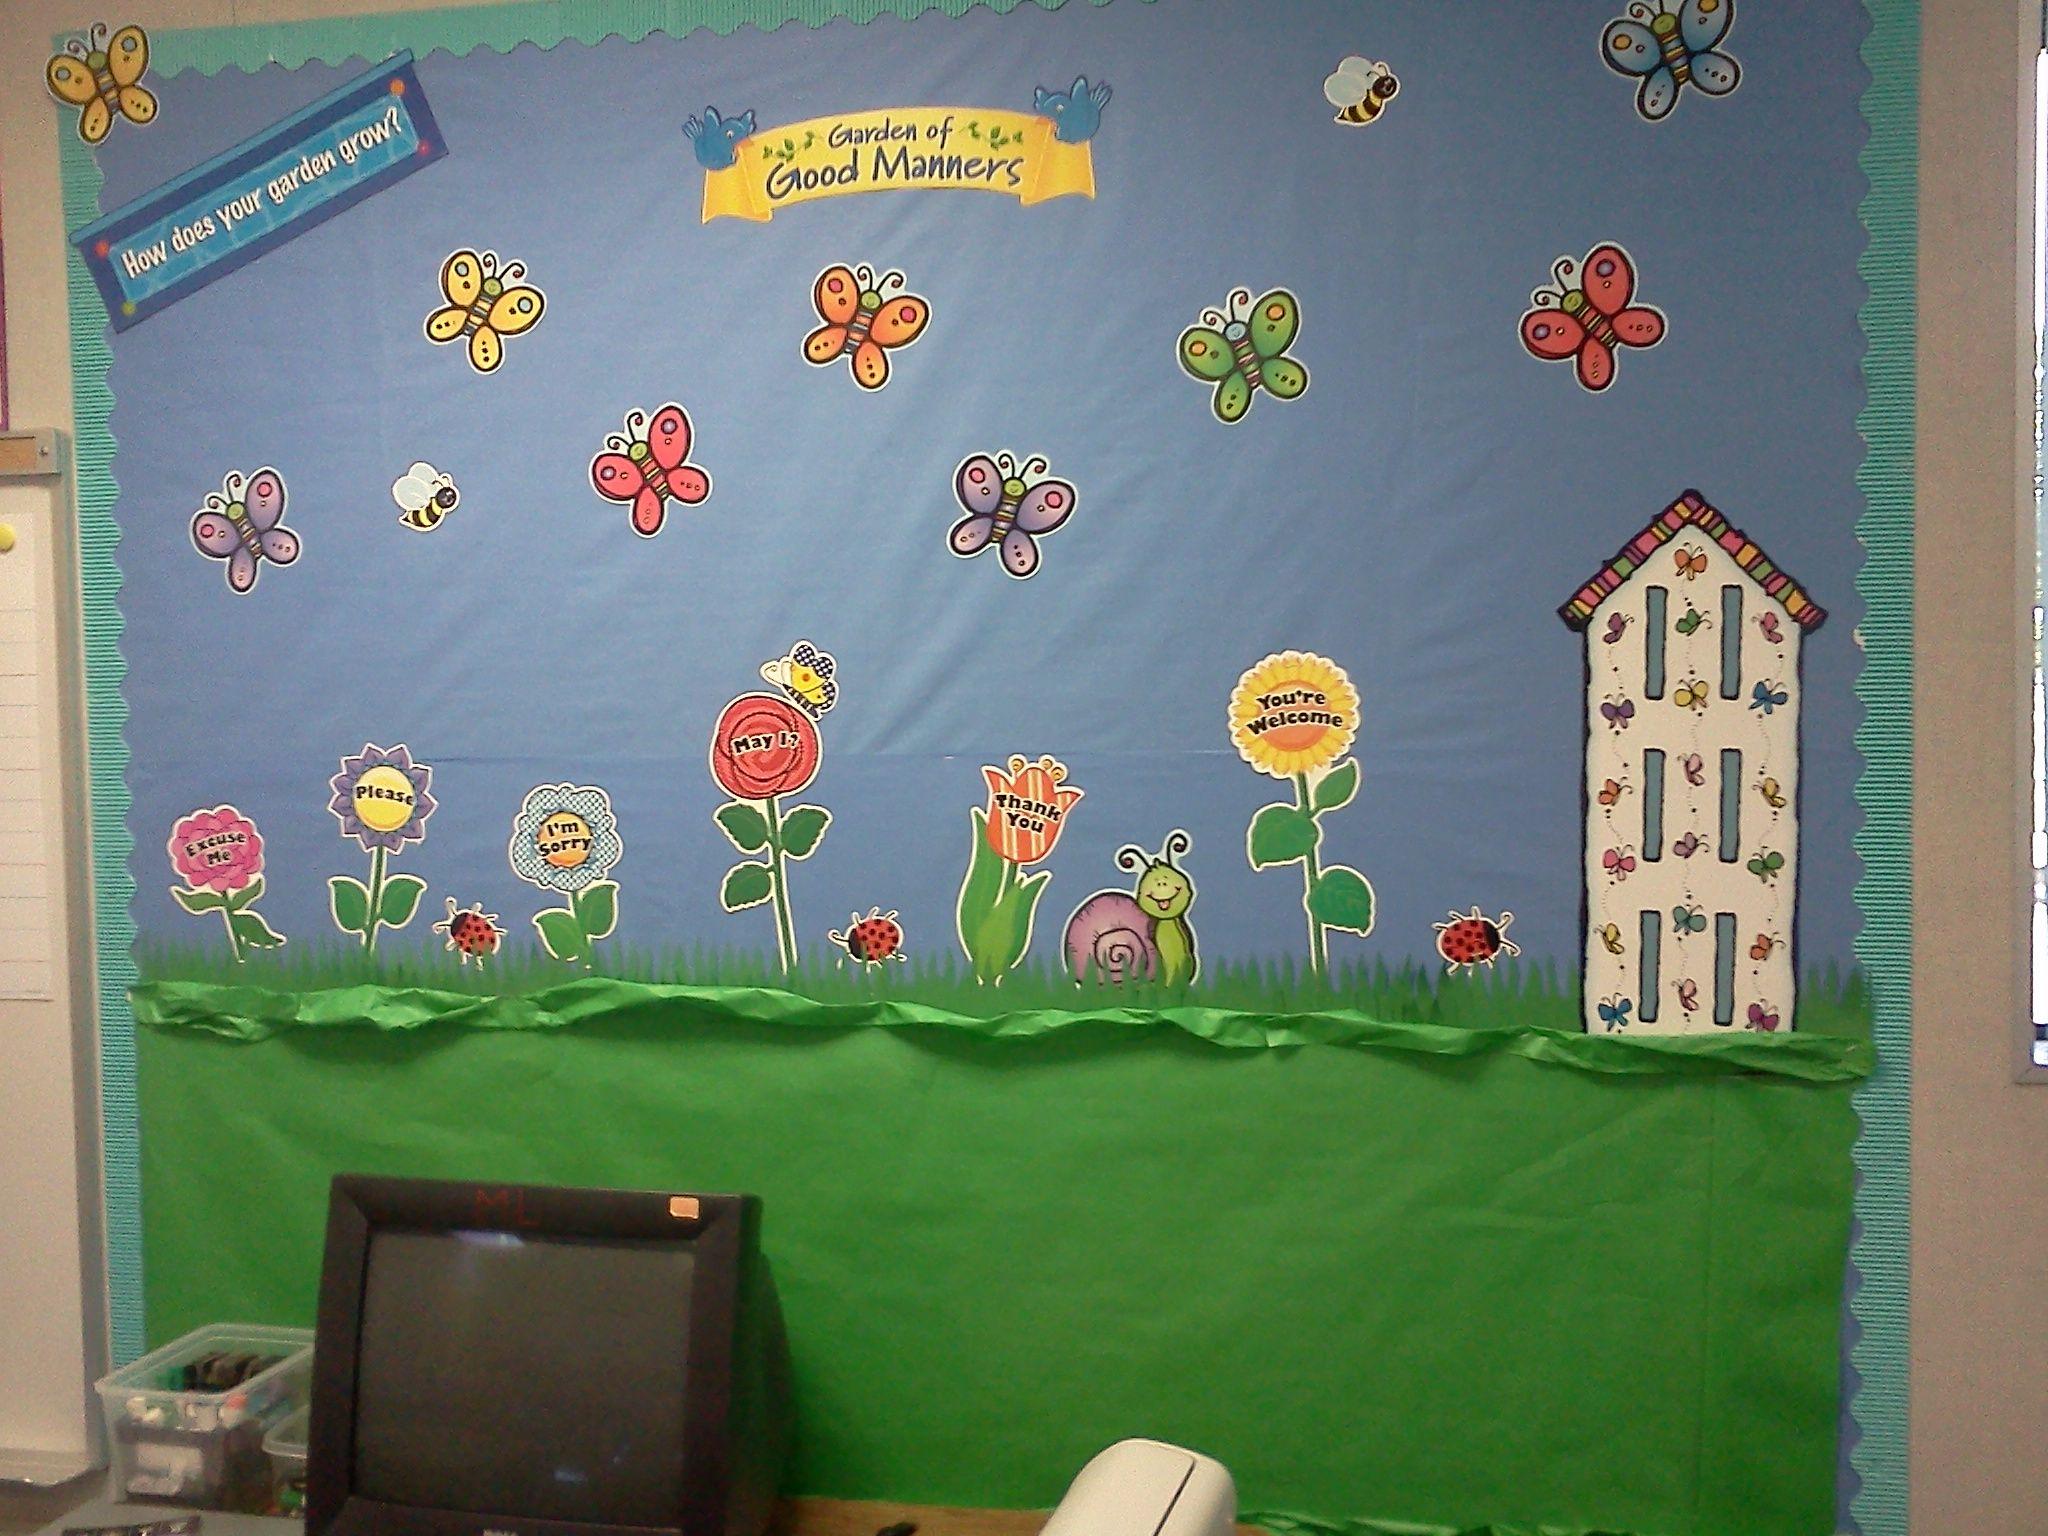 My Kindergarten Classroom Rden Of Good Manners